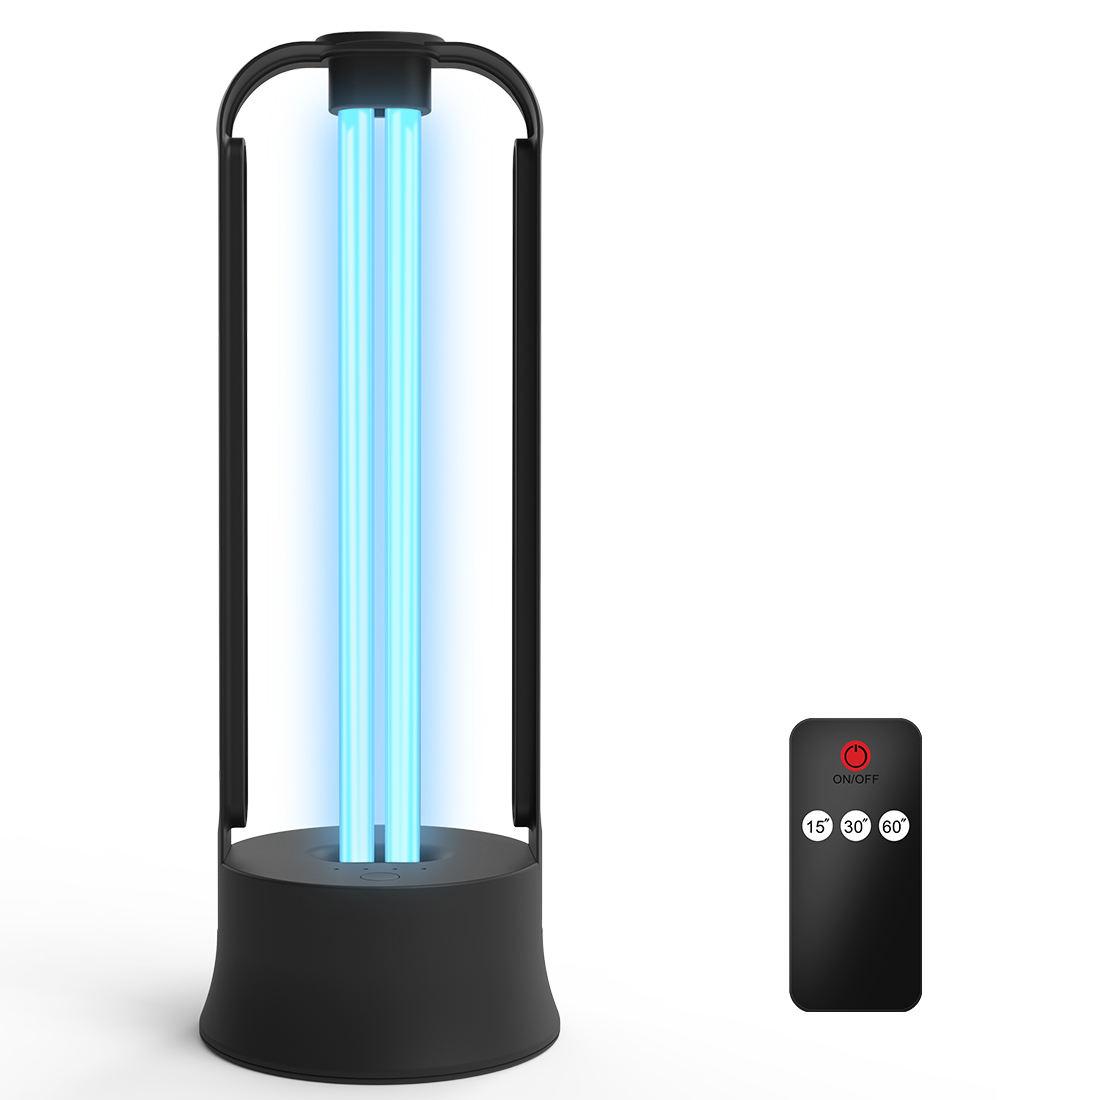 Sylstar uv keimtötende lampe 38W timing randar induktion uv entkeimungslampe mit ozon